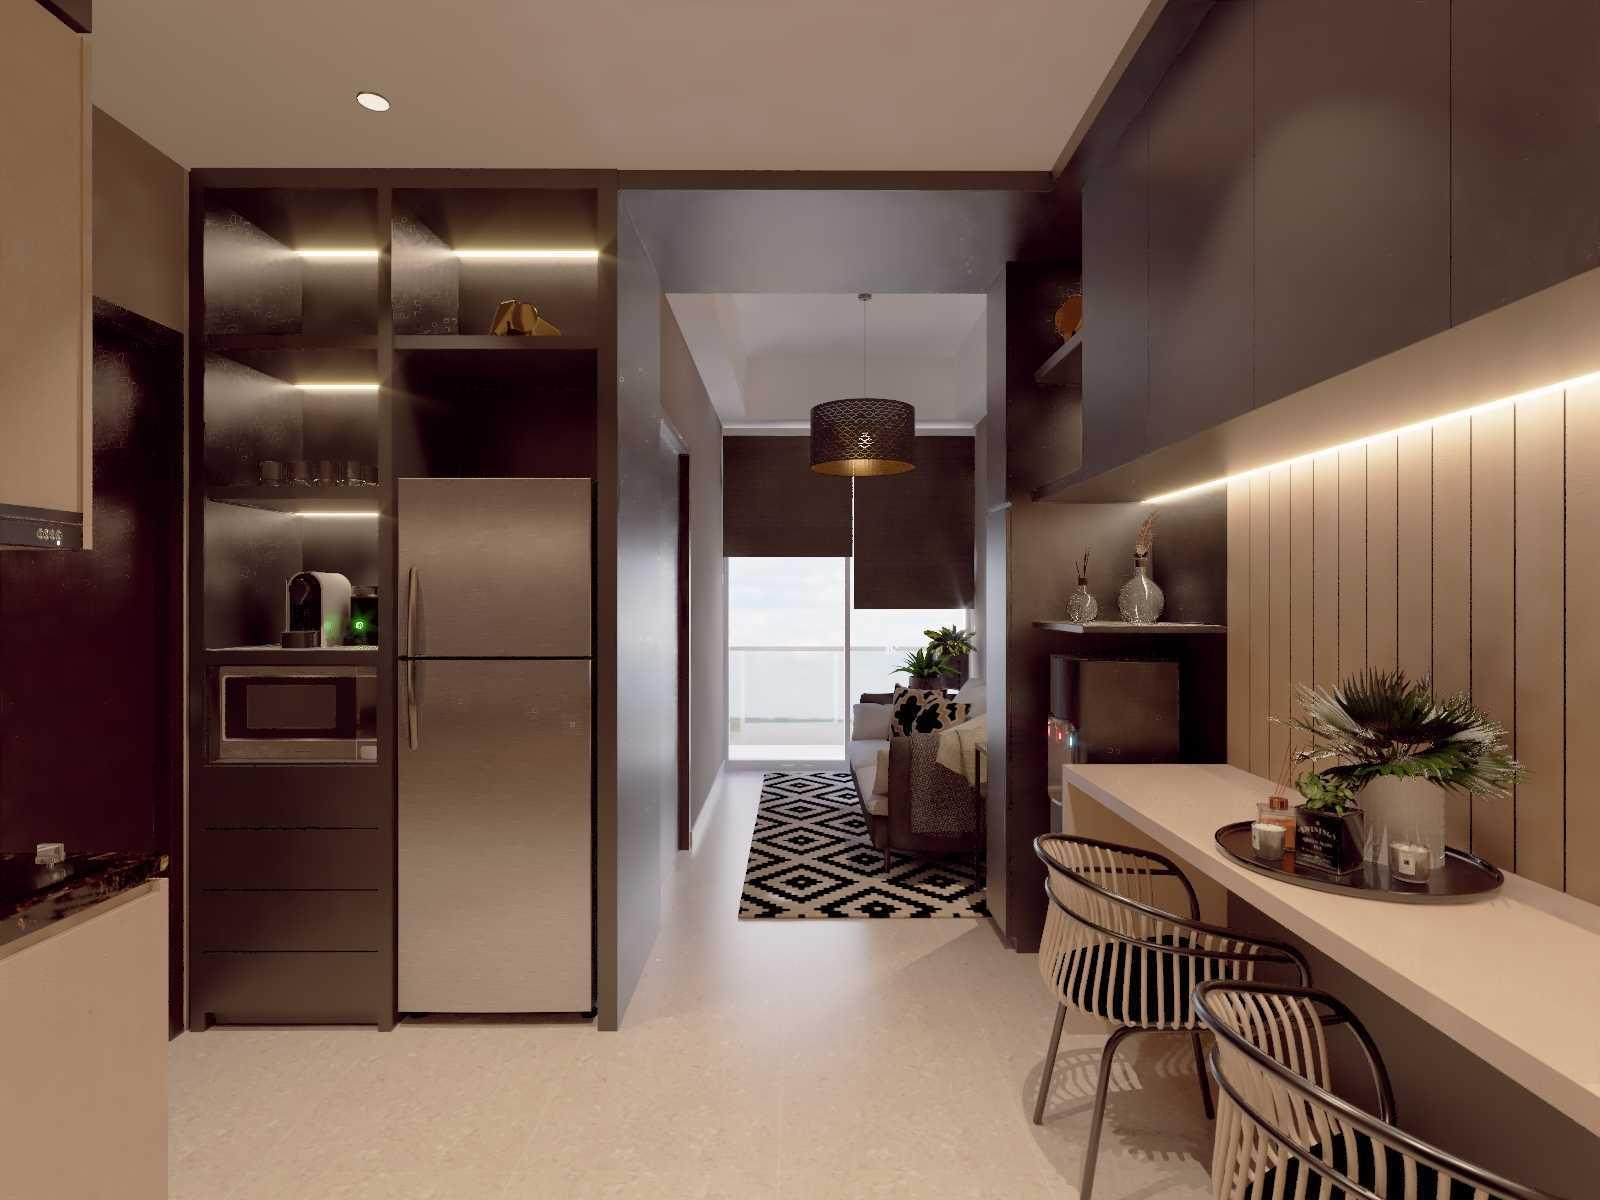 Savala Associate W+L 1 Apartment Jakarta, Daerah Khusus Ibukota Jakarta, Indonesia Jakarta, Daerah Khusus Ibukota Jakarta, Indonesia Savala-Associate-Wl-1-Apartment  116688